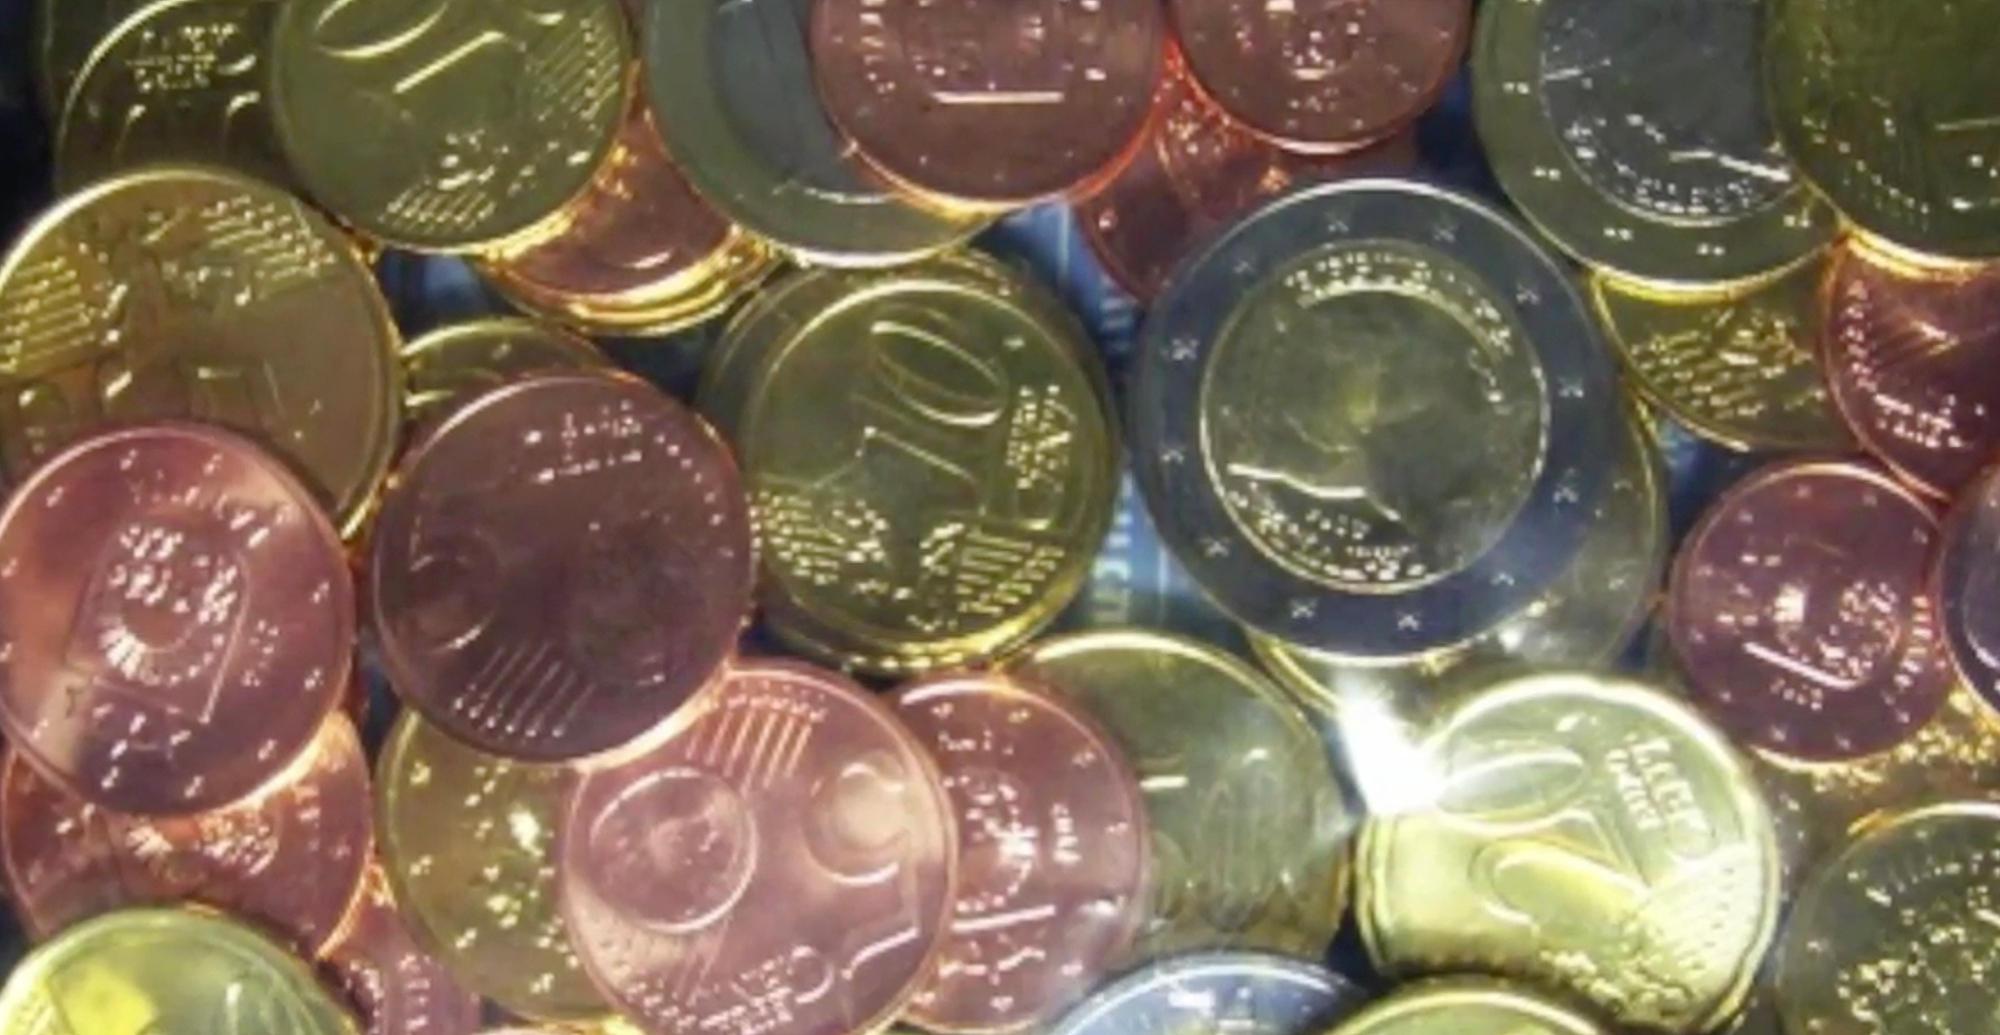 Deutsche Münzen Wert Manche Euromünzen Sind Viel Wert Sehen Sie